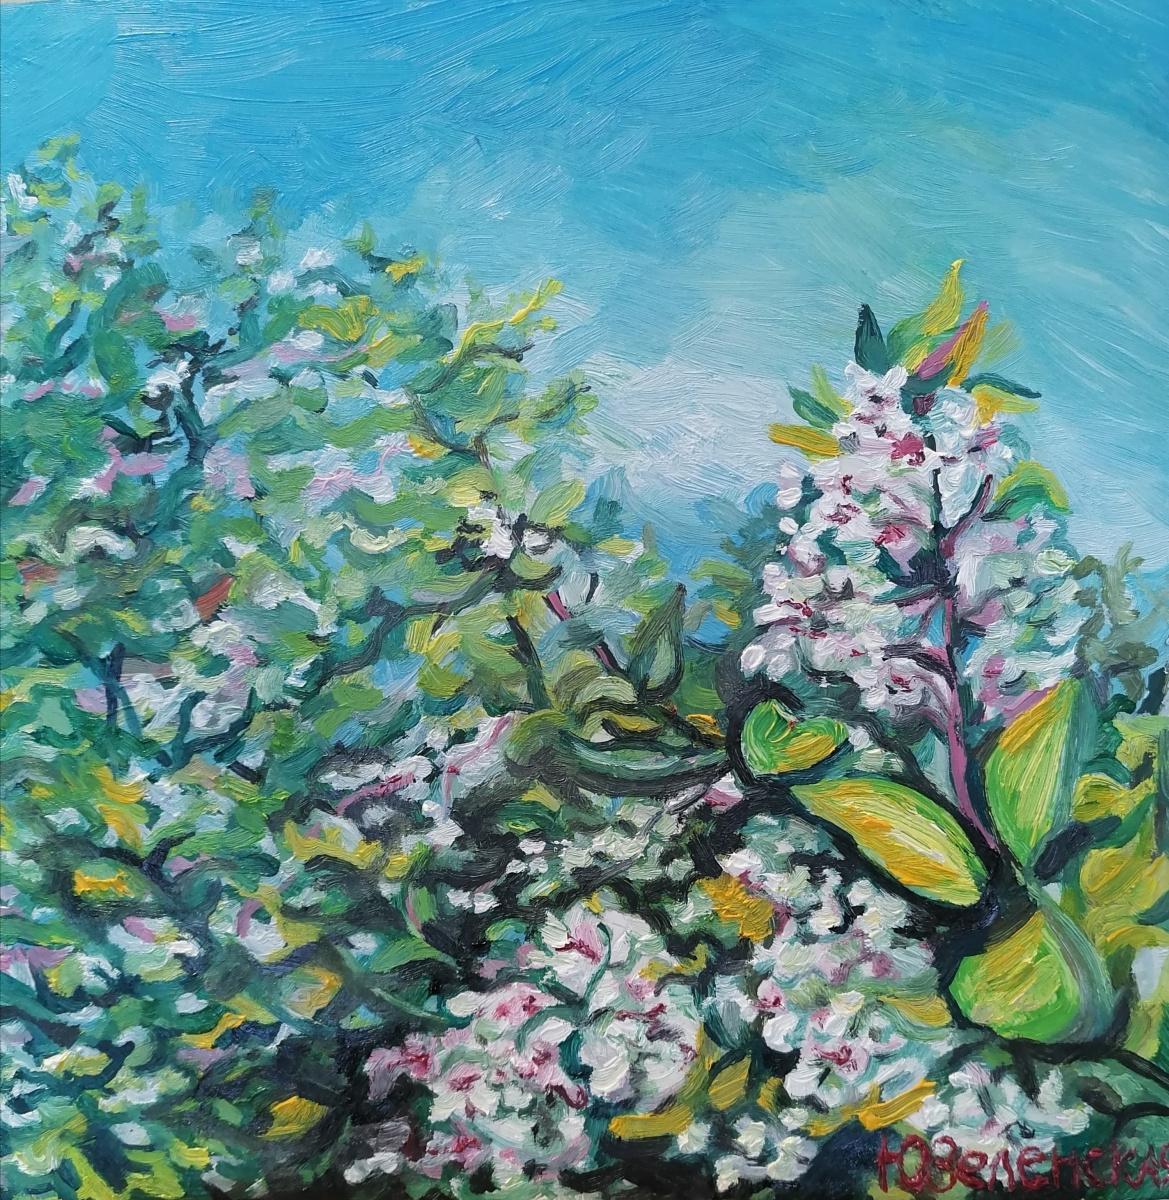 Julia Sergeevna Zelenskaya. Smelled of spring